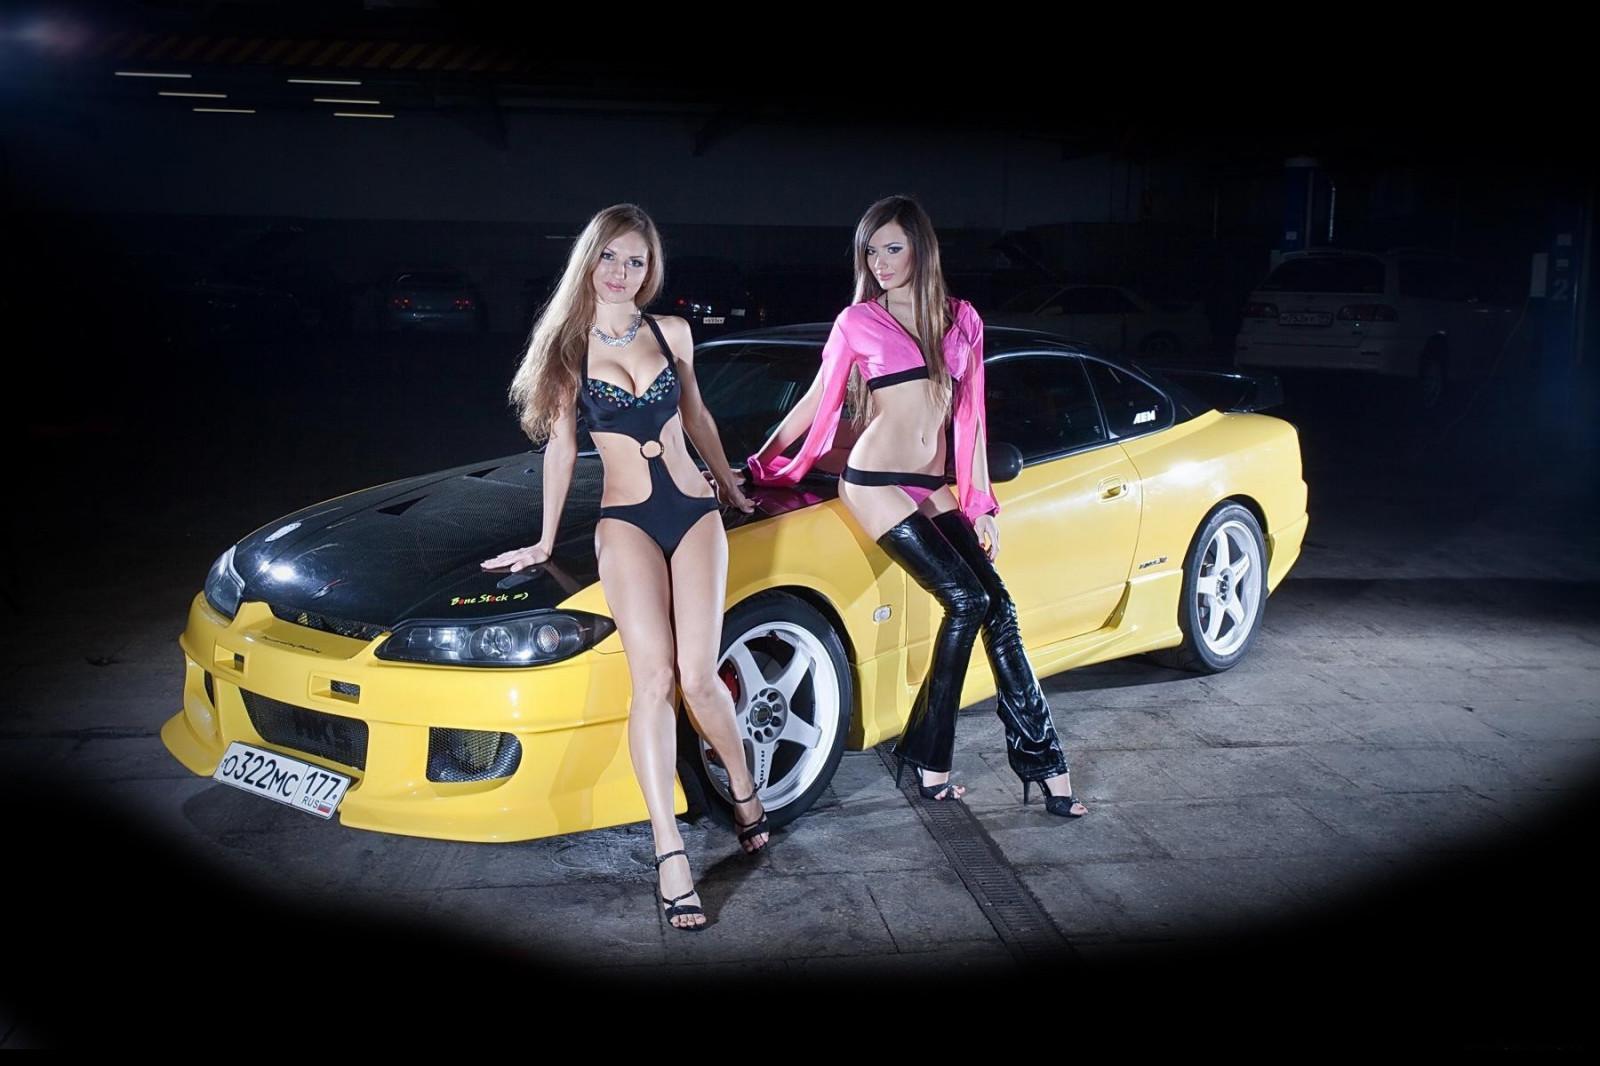 сексуальные девушки стритрейсеров - 13